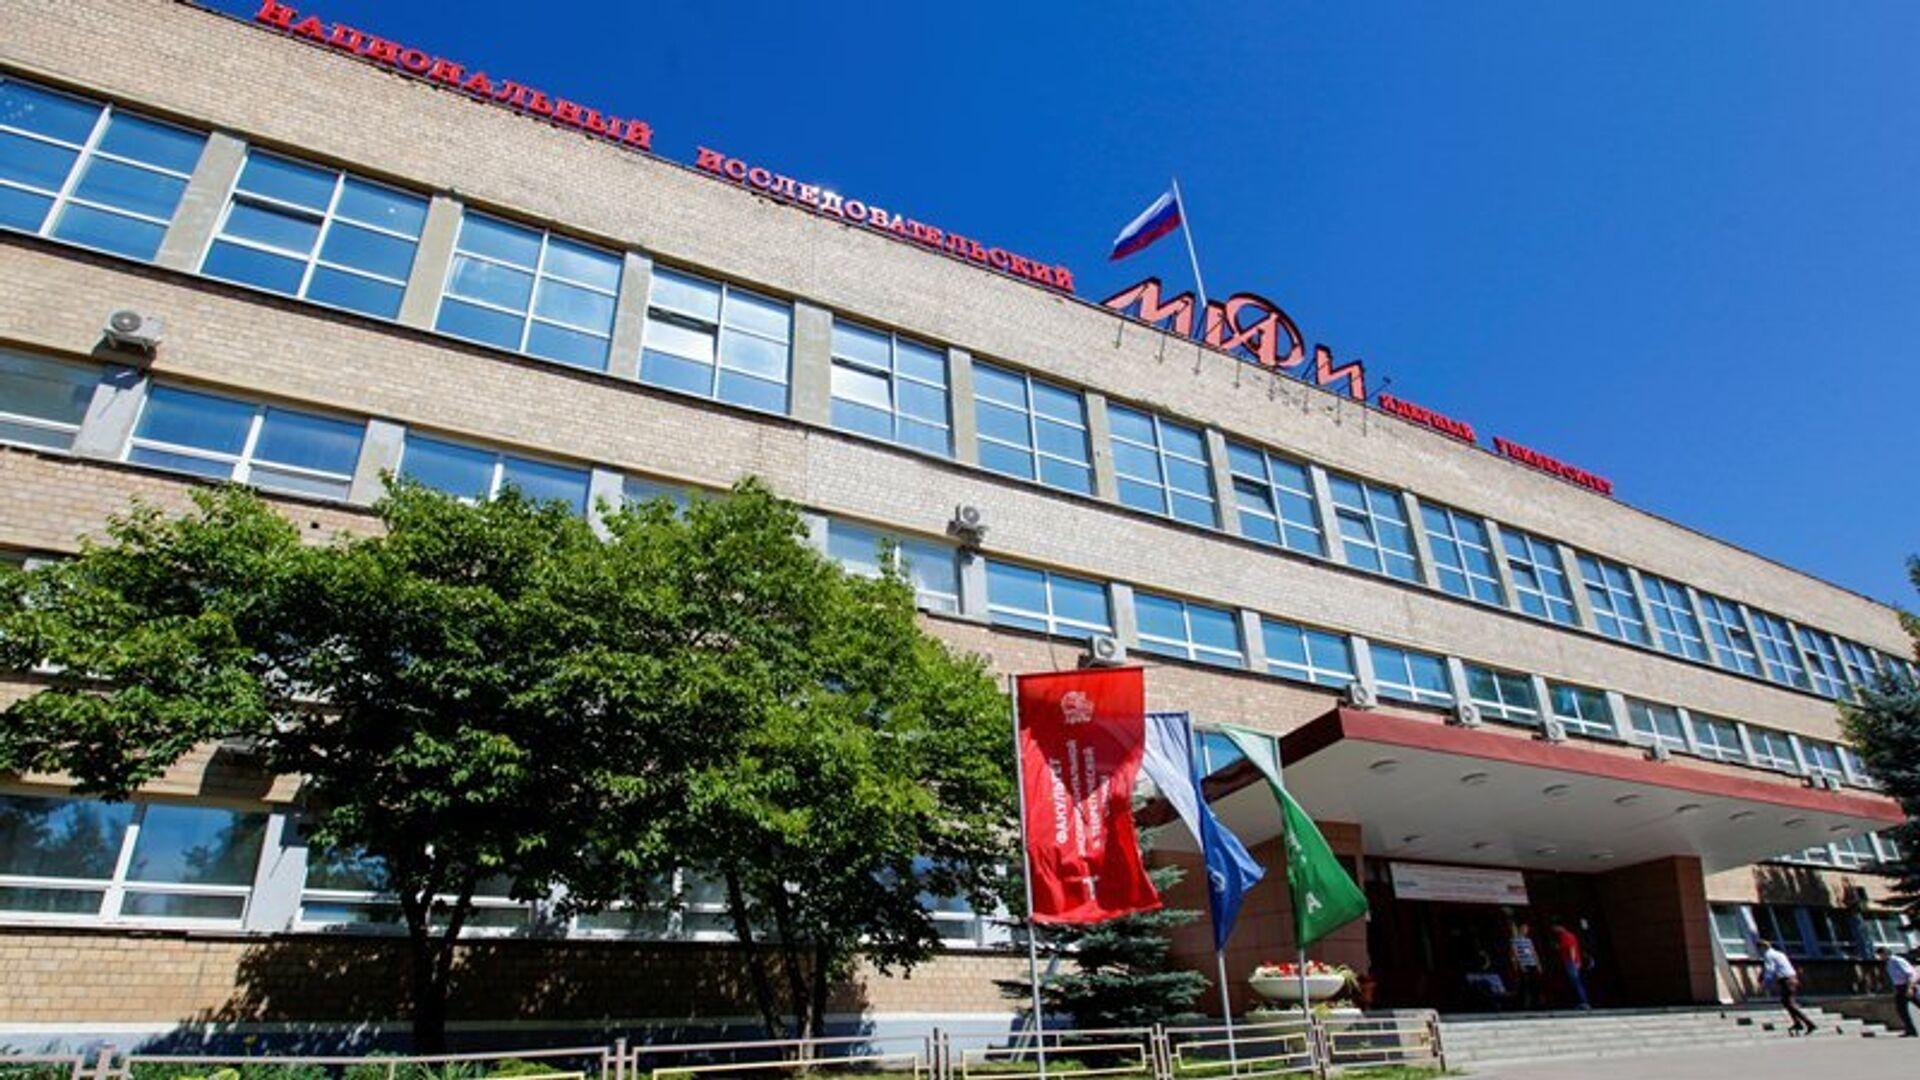 Национальный исследовательский ядерный университет МИФИ - РИА Новости, 1920, 14.09.2021